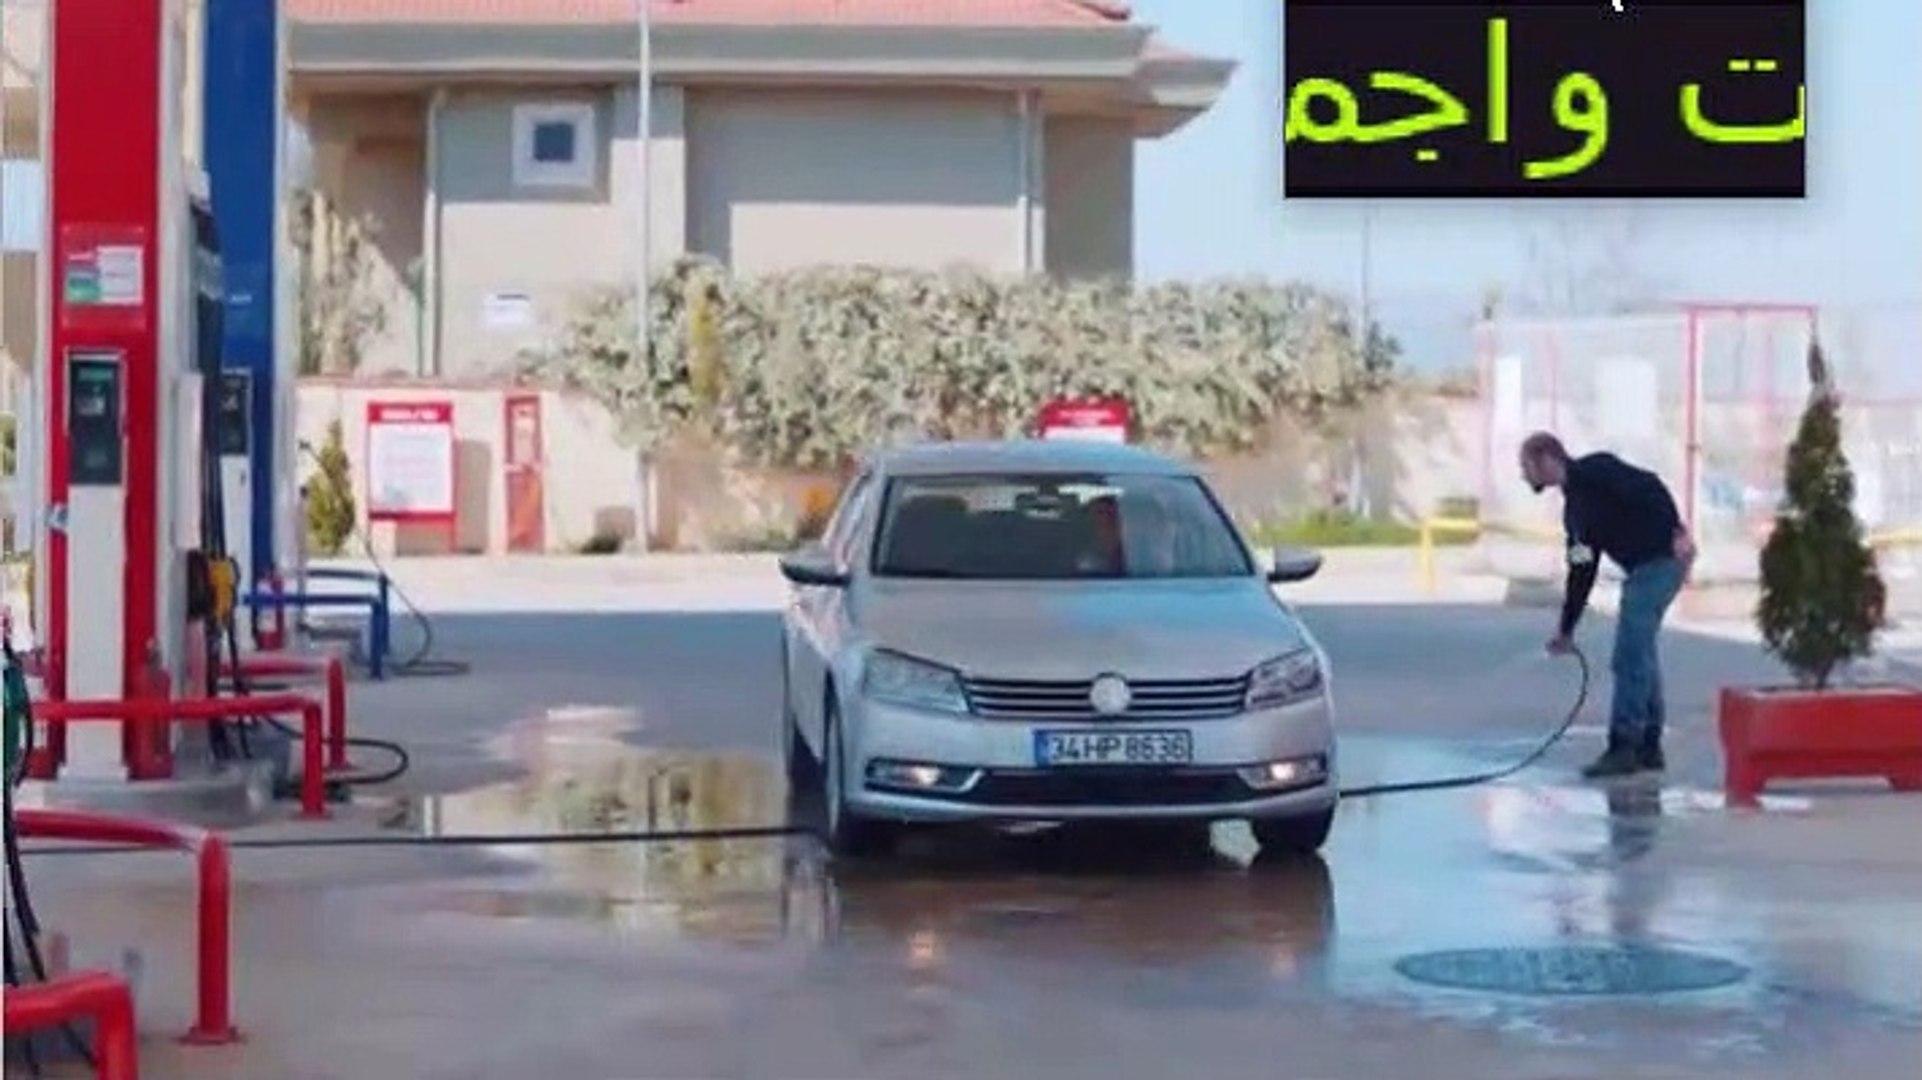 المسلسل التركي الدخيل الحلقة 114 مدبلجة بالعربية